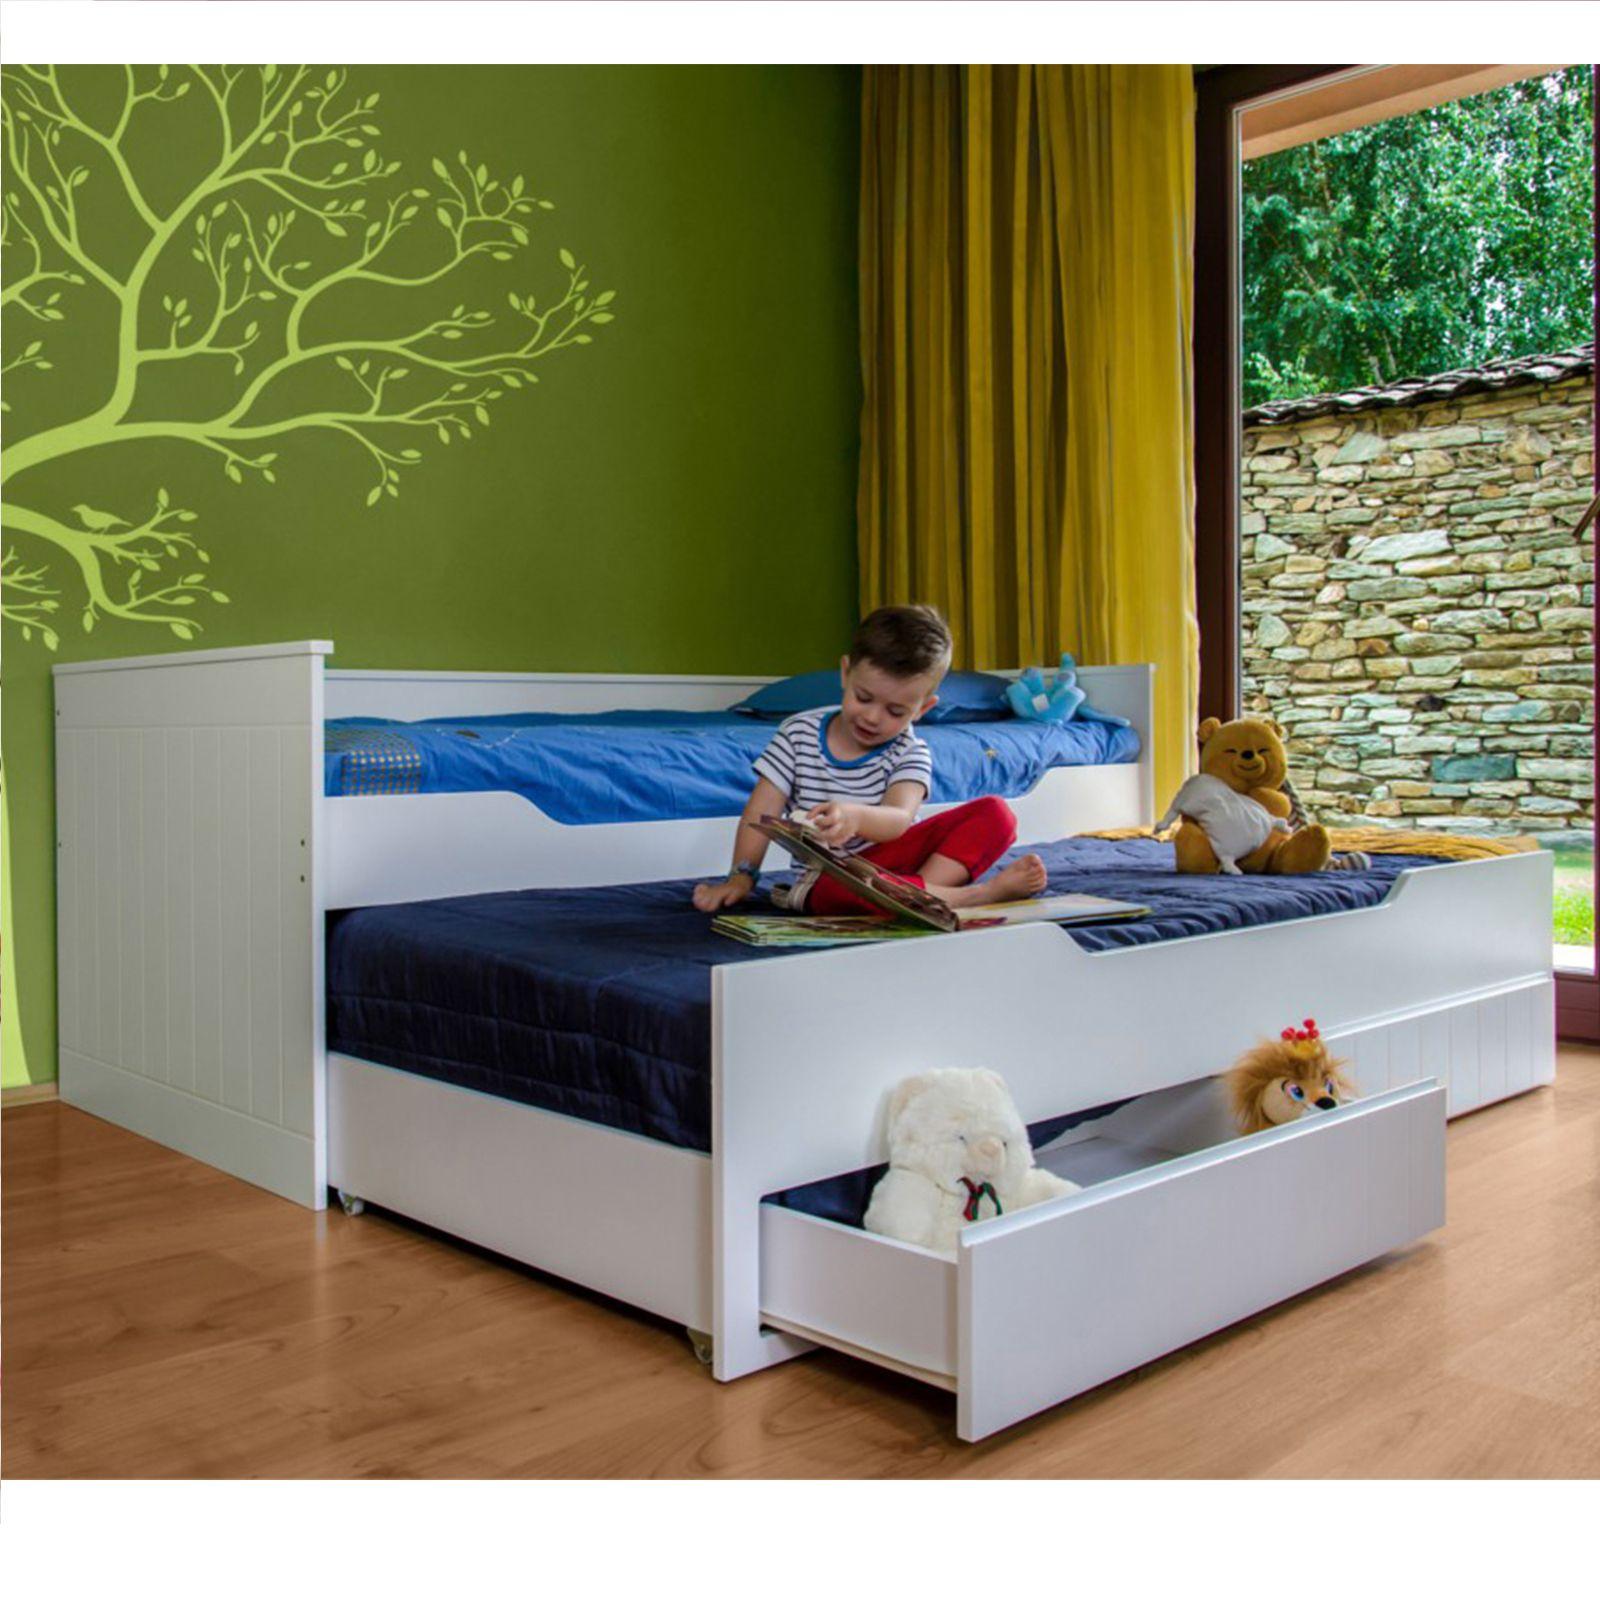 Pin von Schnappermöbel auf Babyzimmer / Kinderzimmer (mit